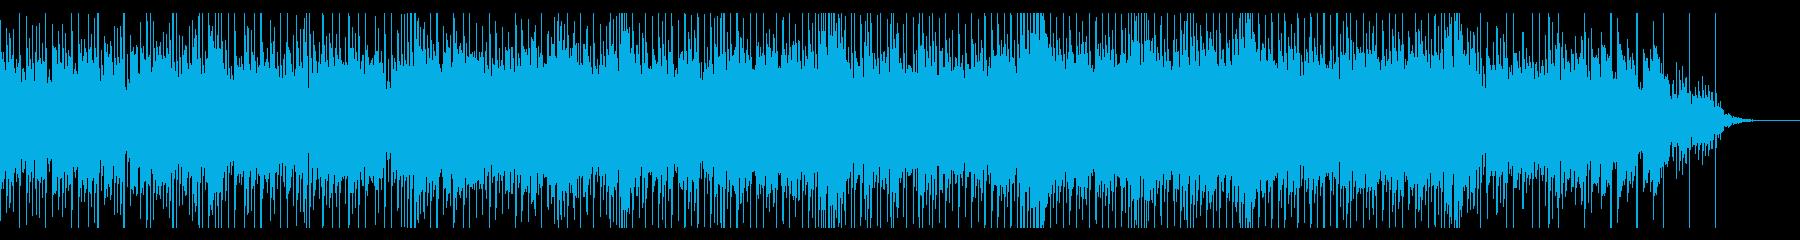 何か良いことが始まりそうな爽やかな曲の再生済みの波形